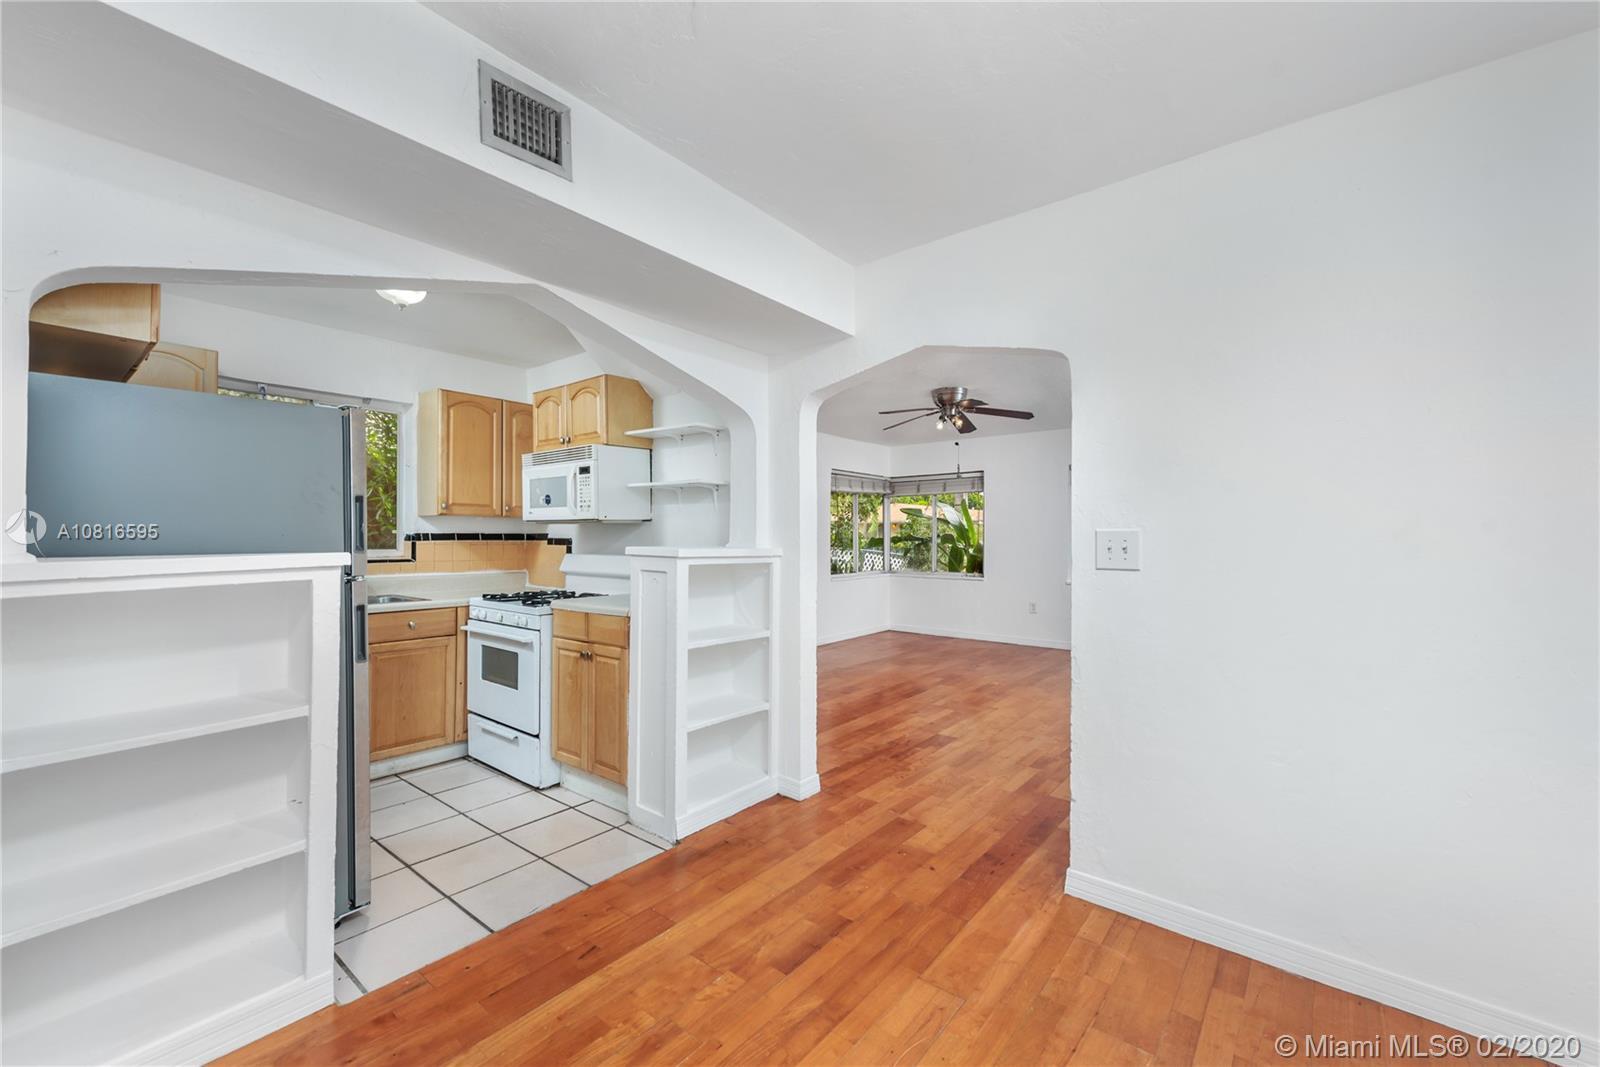 550 NE 63rd St, 2 - Miami, Florida